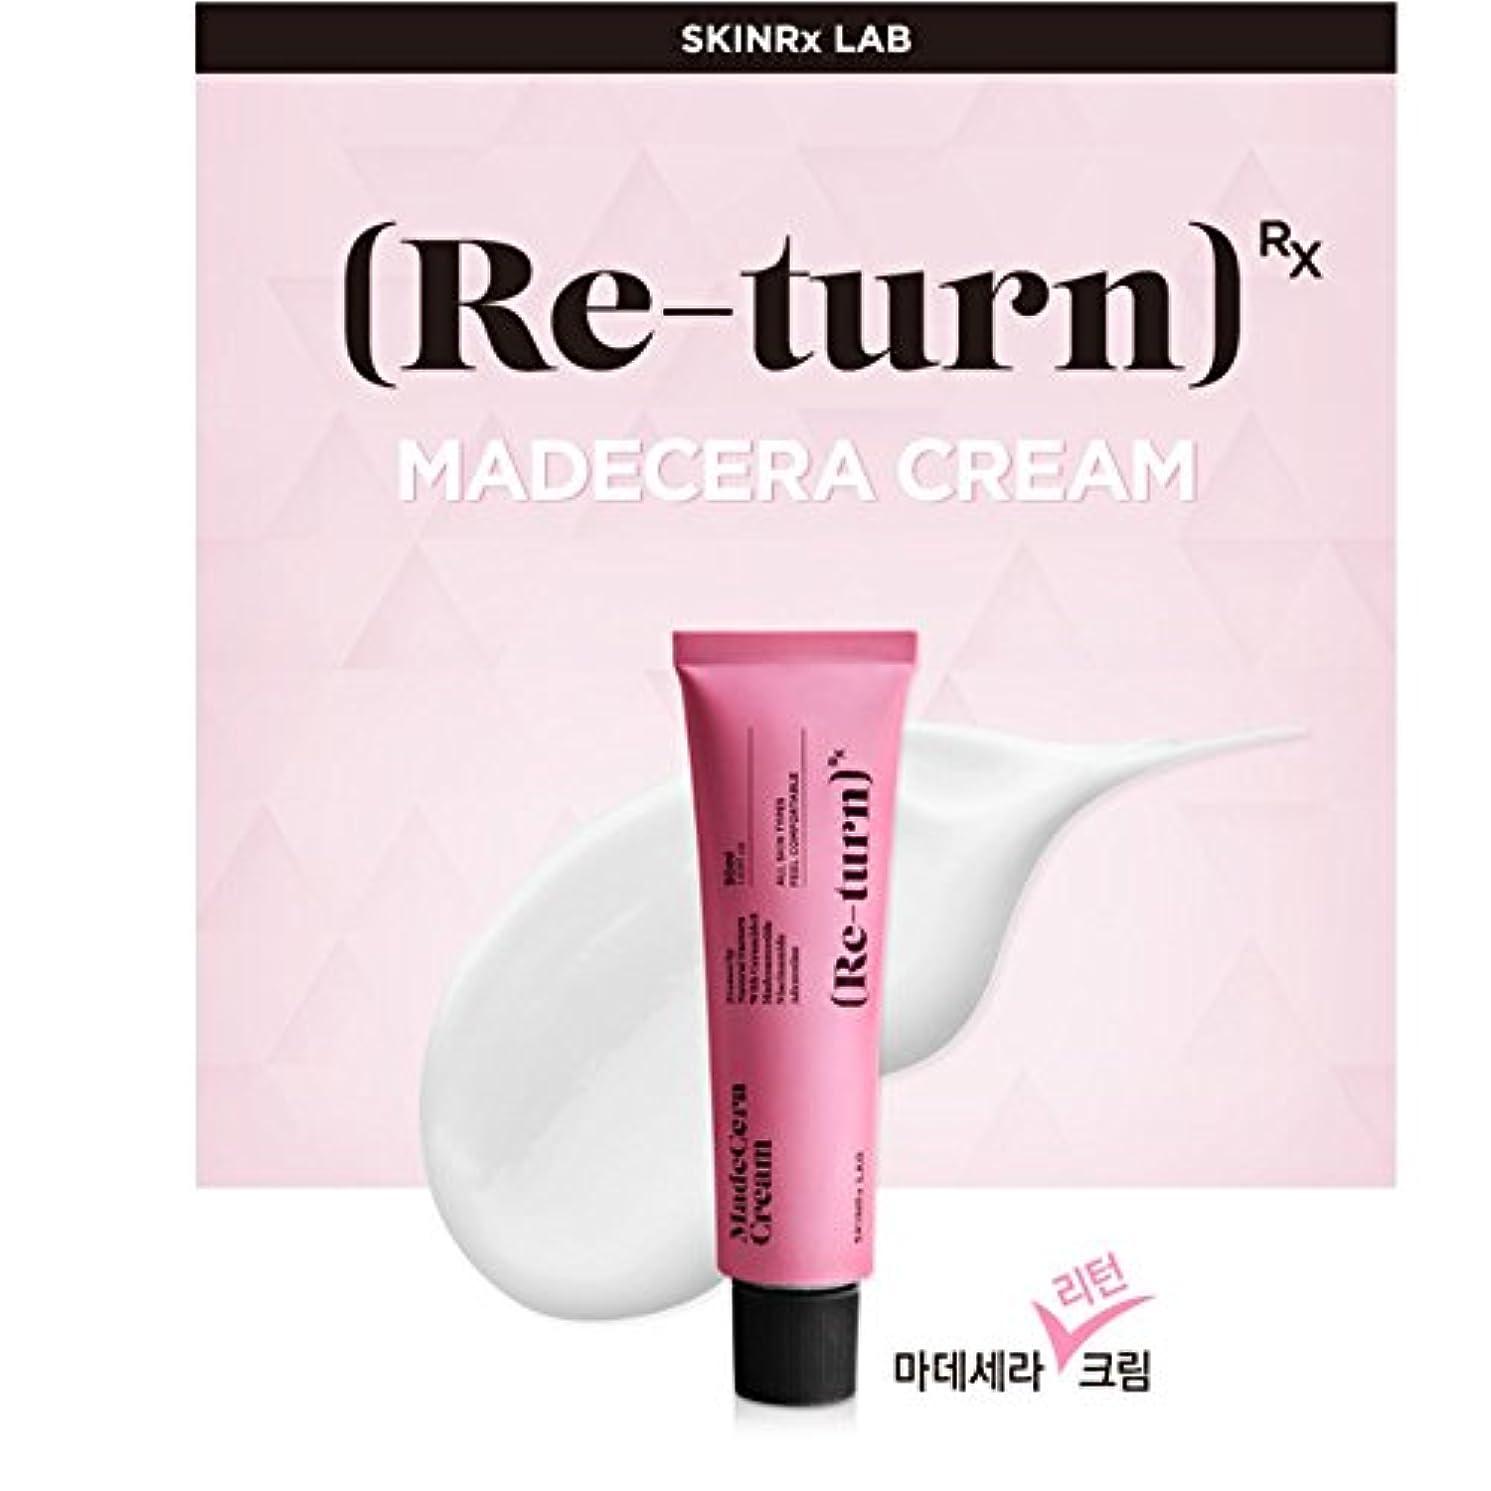 低下四分円大聖堂スキンアルエクスラップ マデセラ リターン クリーム 50ml / SKINRxLAB MadeCera Re-turn Cream 50ml (1.69oz)